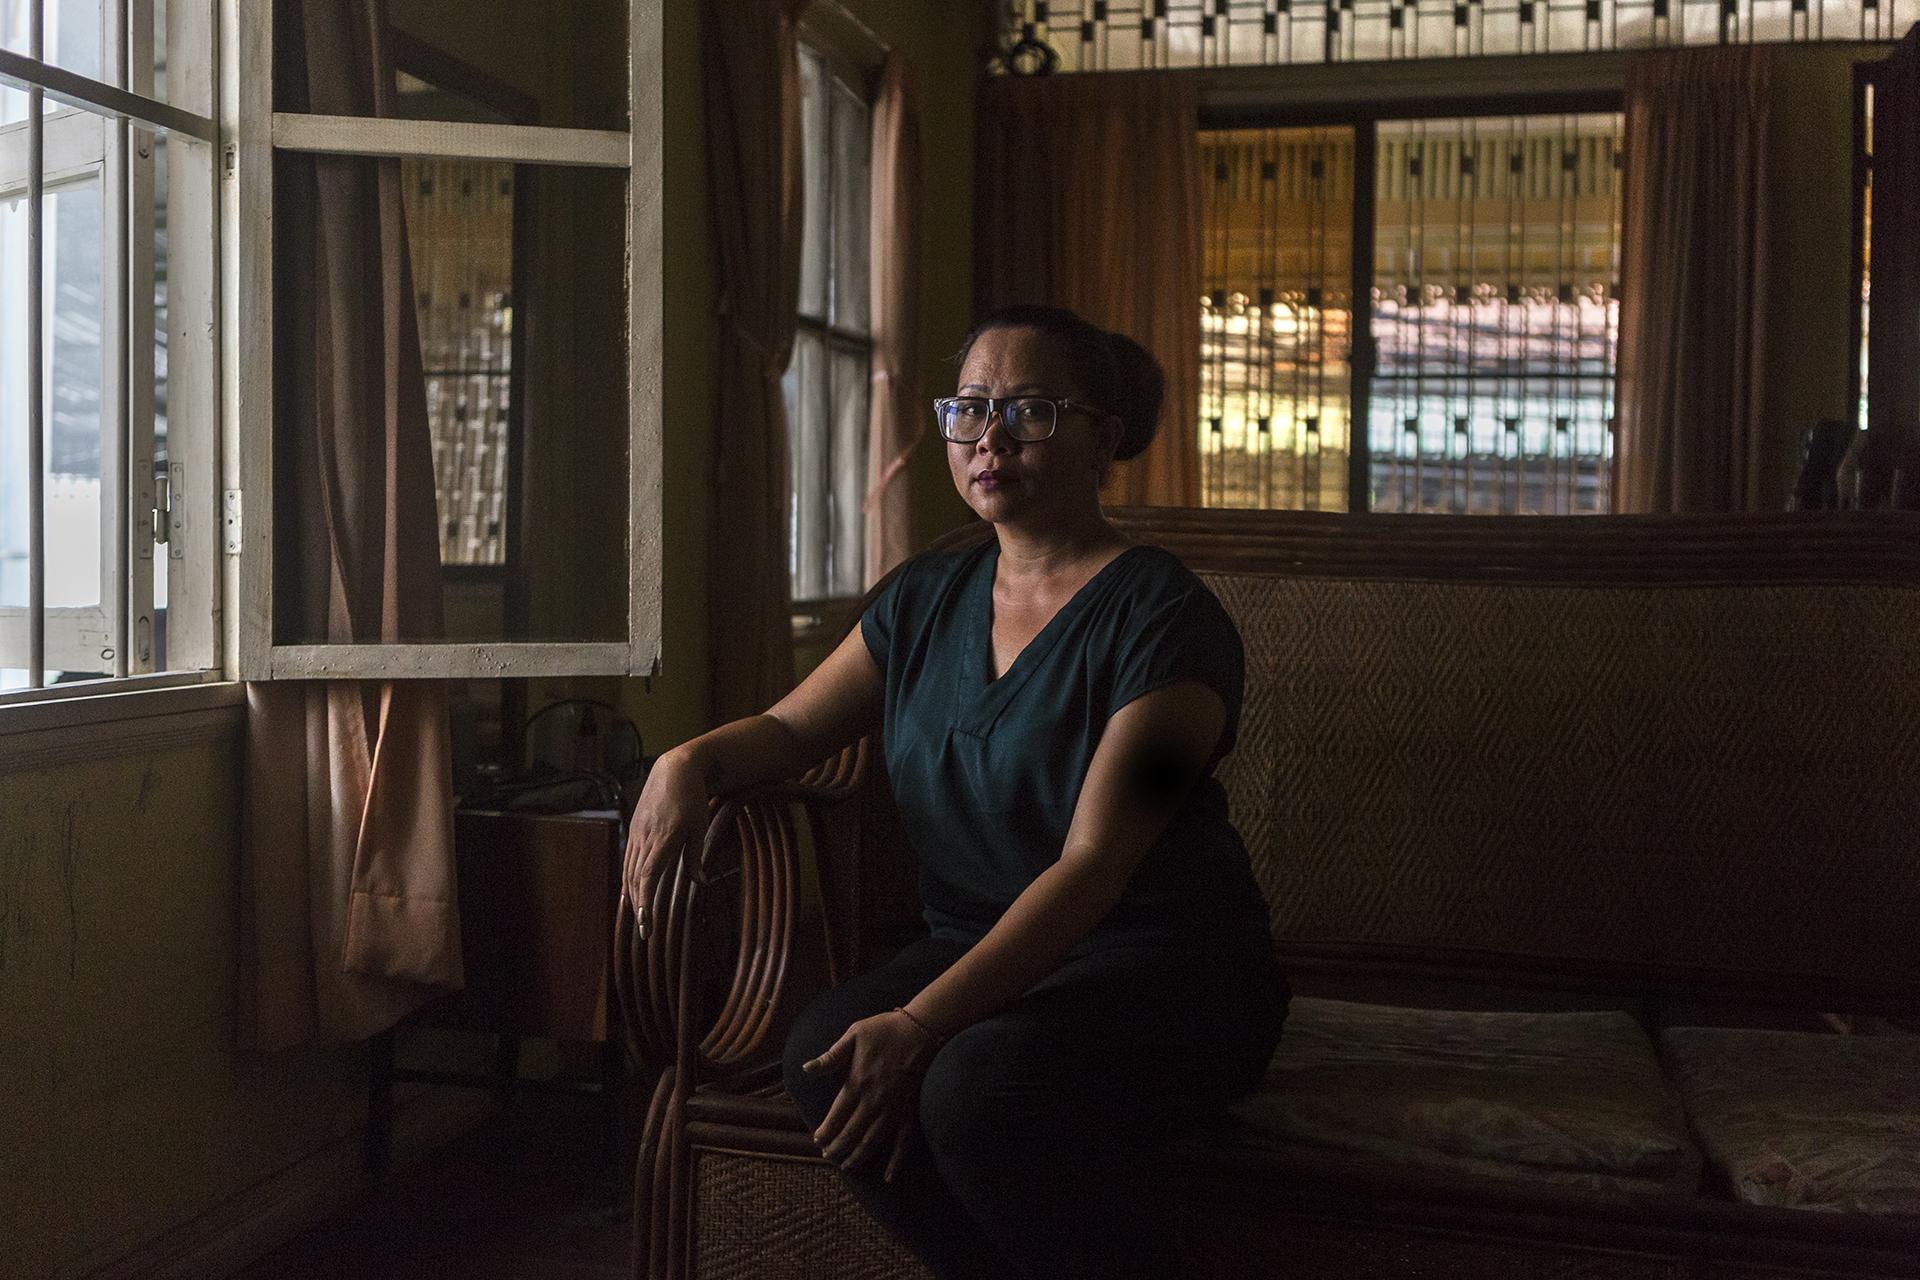 """Juin 2016. Portrait de Sophea dans son appartement à Phnom-Penh. Sophea est aujourd'hui une femme épanouie dans cette nouvelle vie qui lui a été imposée, même si la distance avec sa famille lui pèse énormément. Elle se sent américaine, parce qu'elle a grandi dans la culture américaine tout en ayant des origines cambodgiennes. Son souhait :""""être mère à nouveau, parce que mon expérience a été bousillée »."""